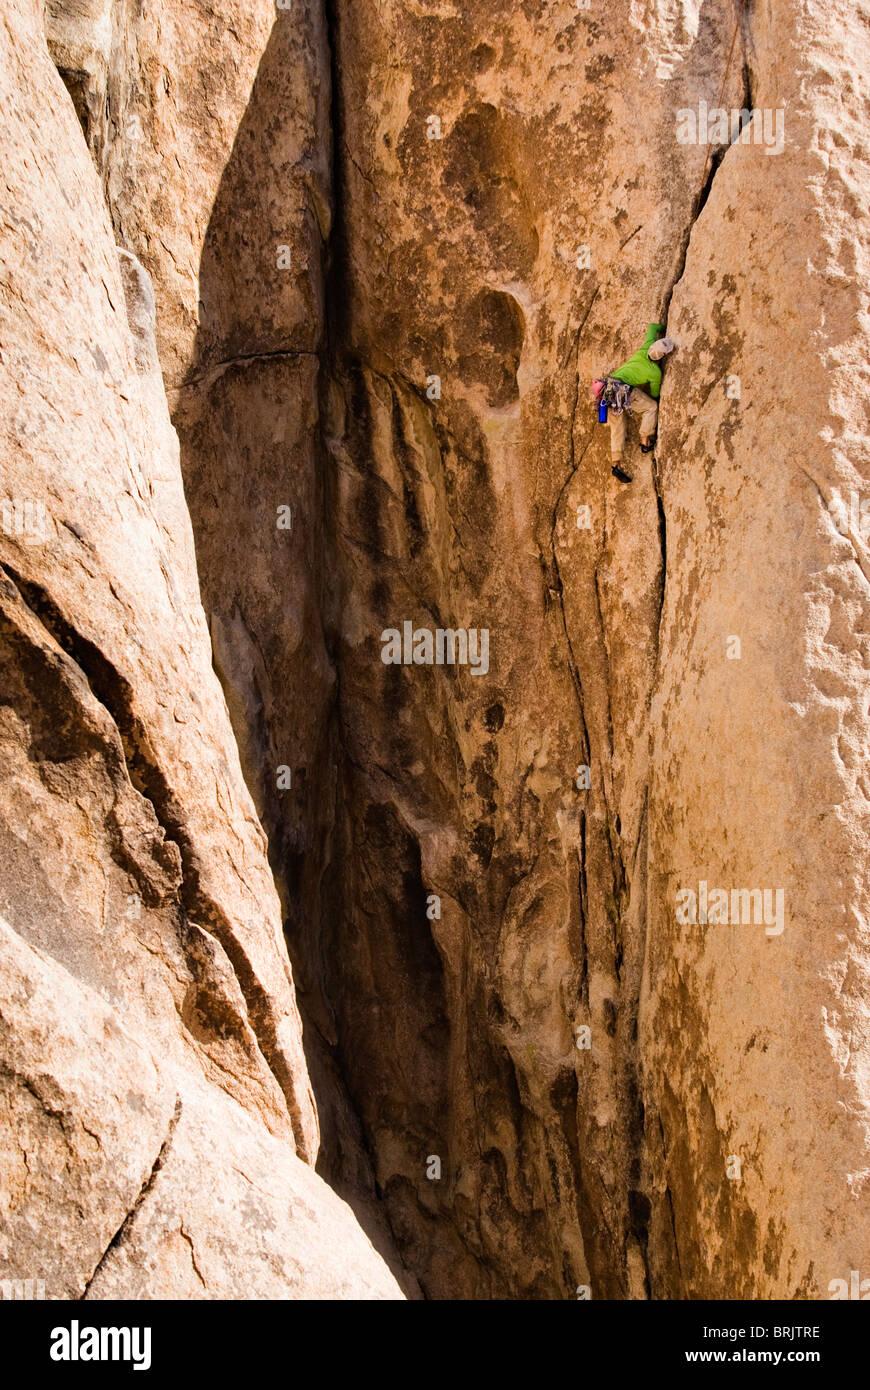 A young man climbing a long crack. - Stock Image